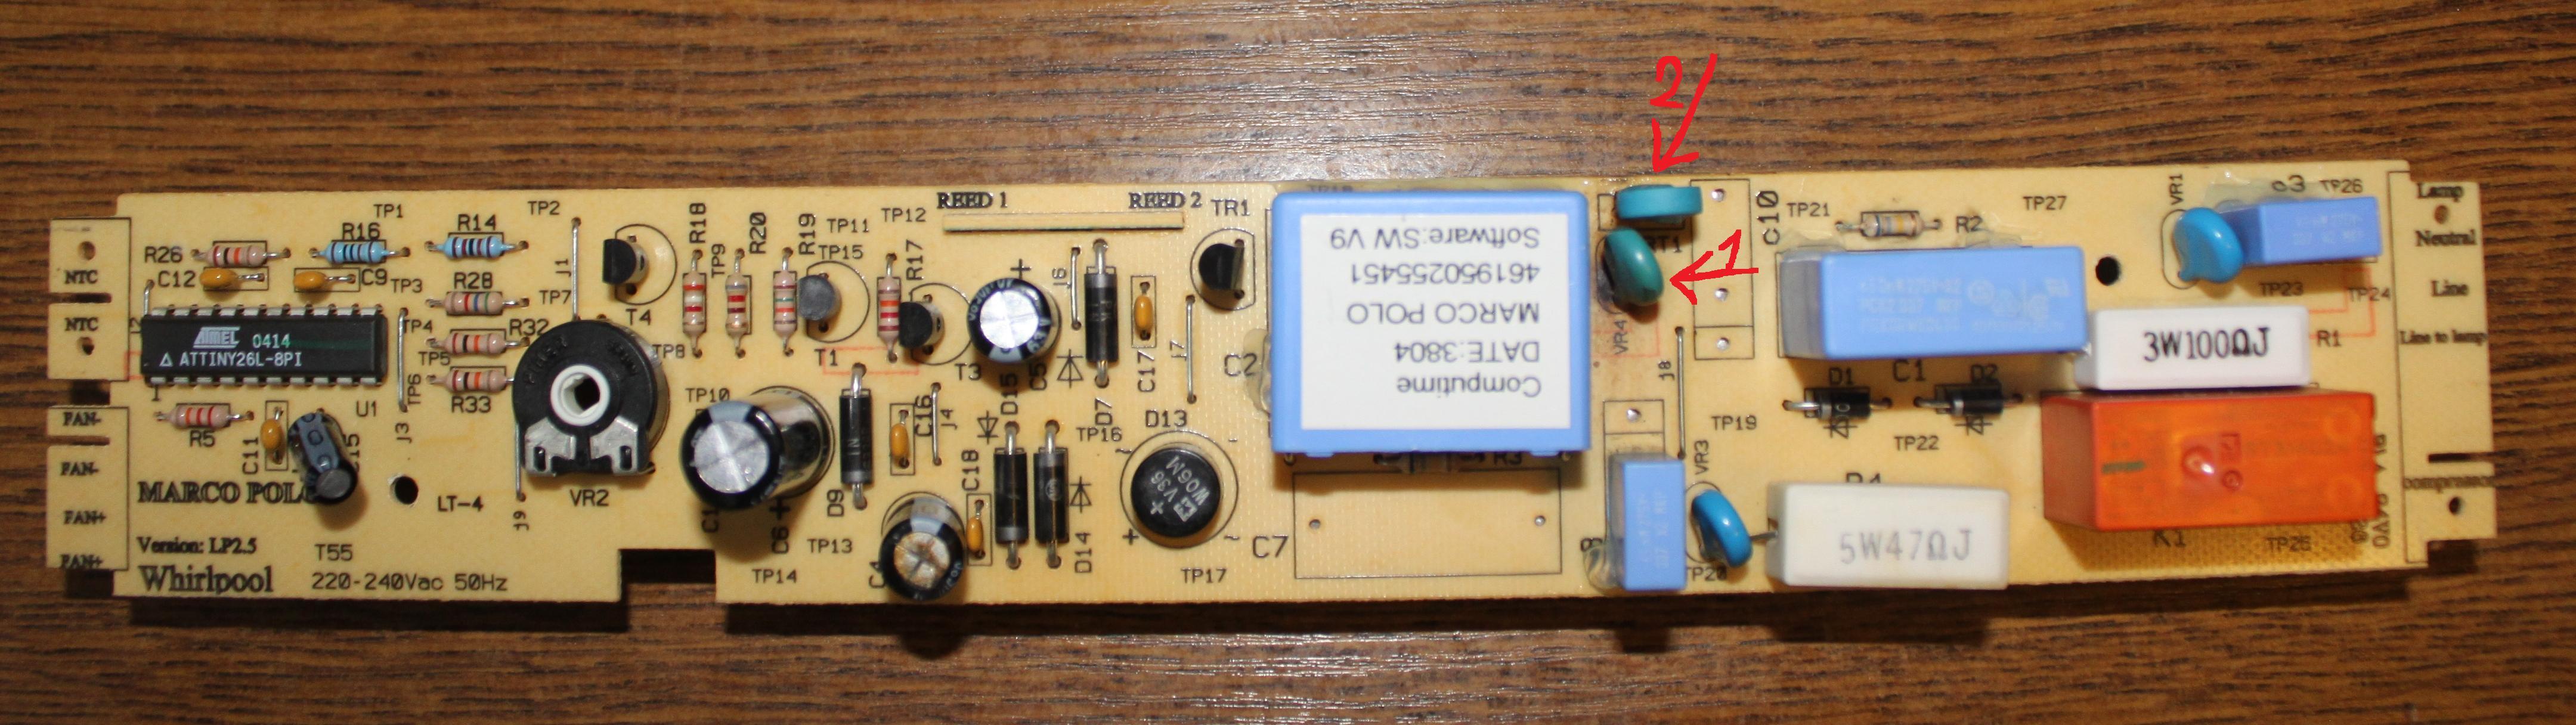 Whirpool ARC6670 - Modu� steruj�cy identyfikacja element�w